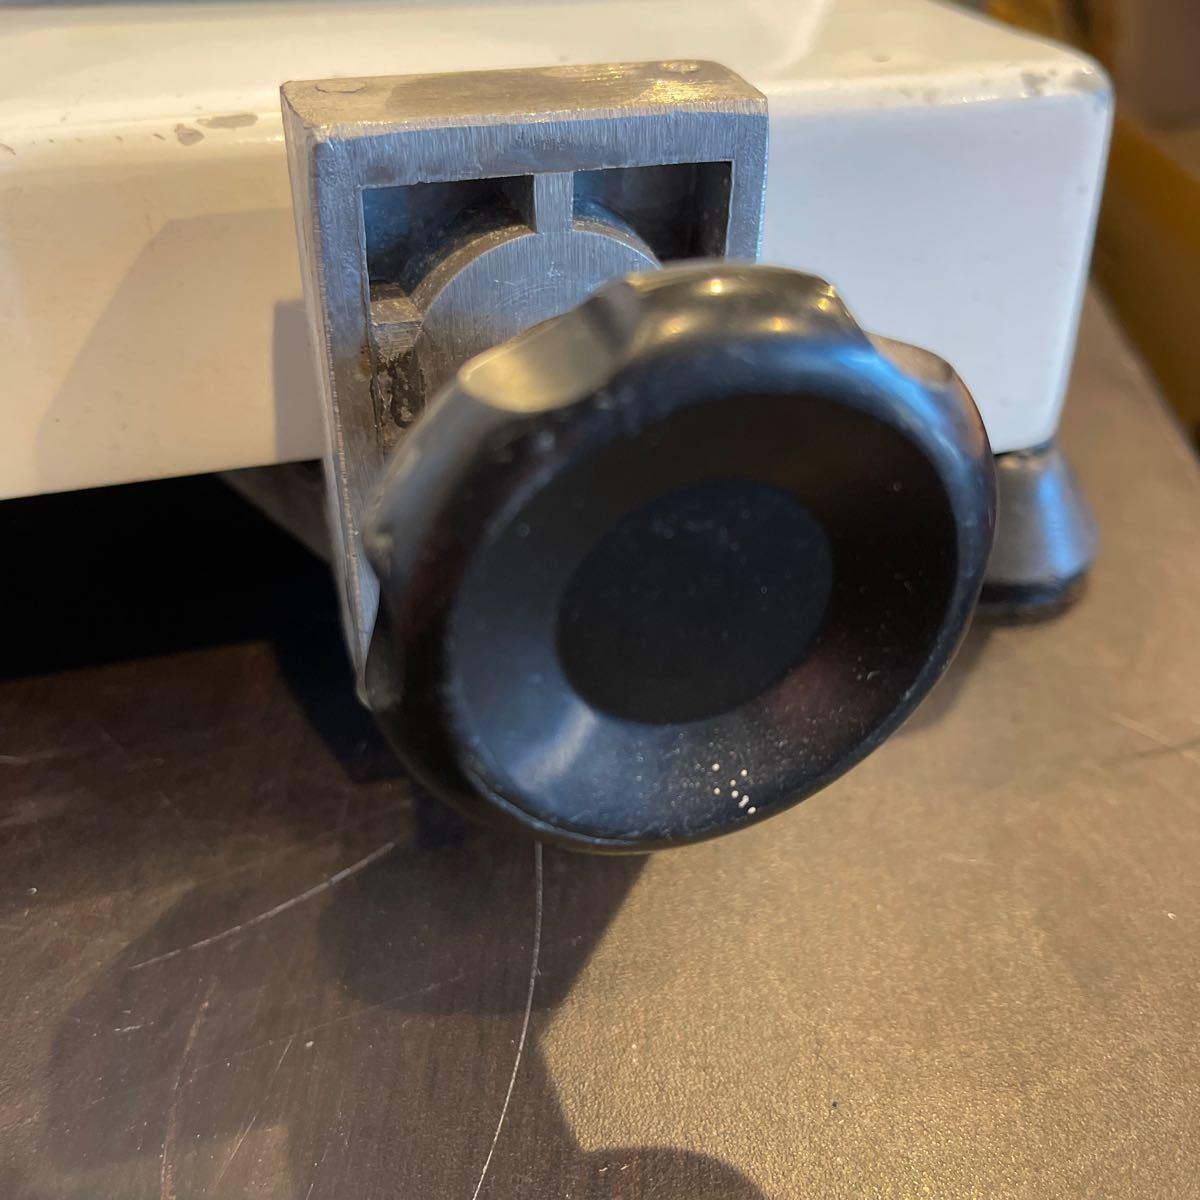 ミートスライサー 業務用 ハムスライサー フッ素樹脂コーティング チャーシュー 電動 肉スライサー PRO-220YS-BT-R KIPROSTAR_画像3